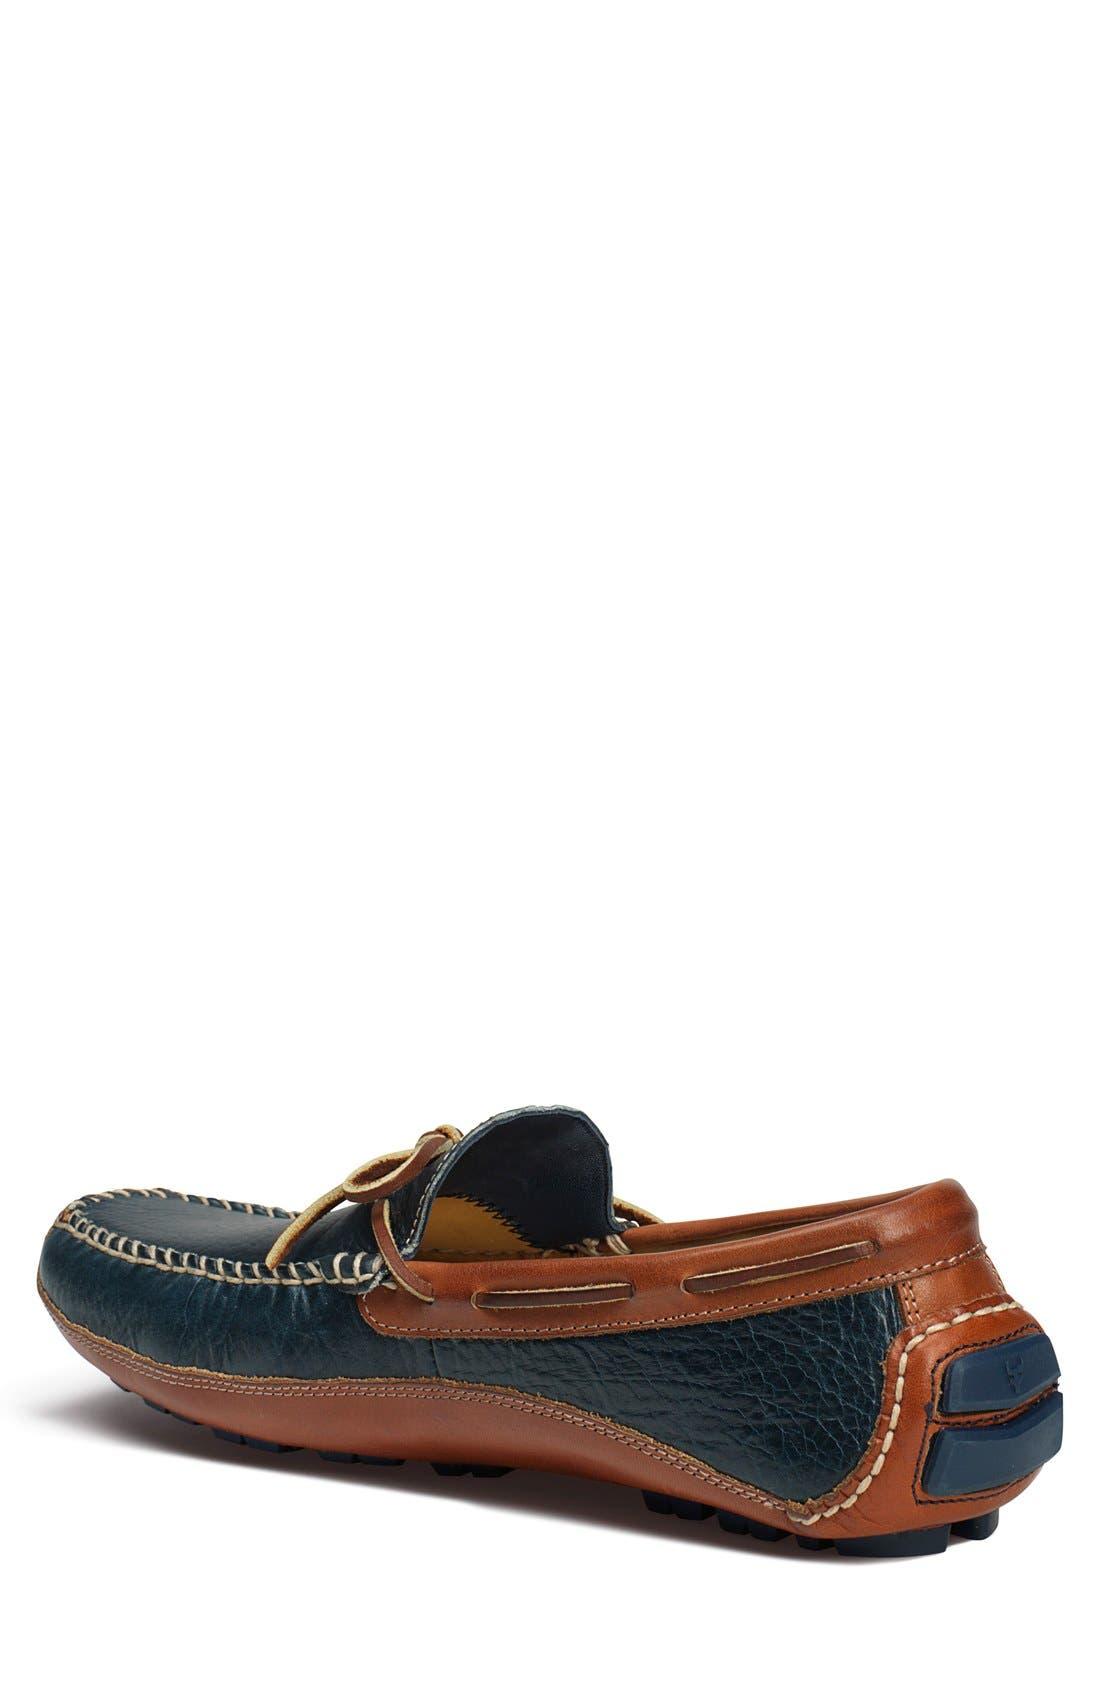 'Drake' Leather Driving Shoe,                             Alternate thumbnail 26, color,